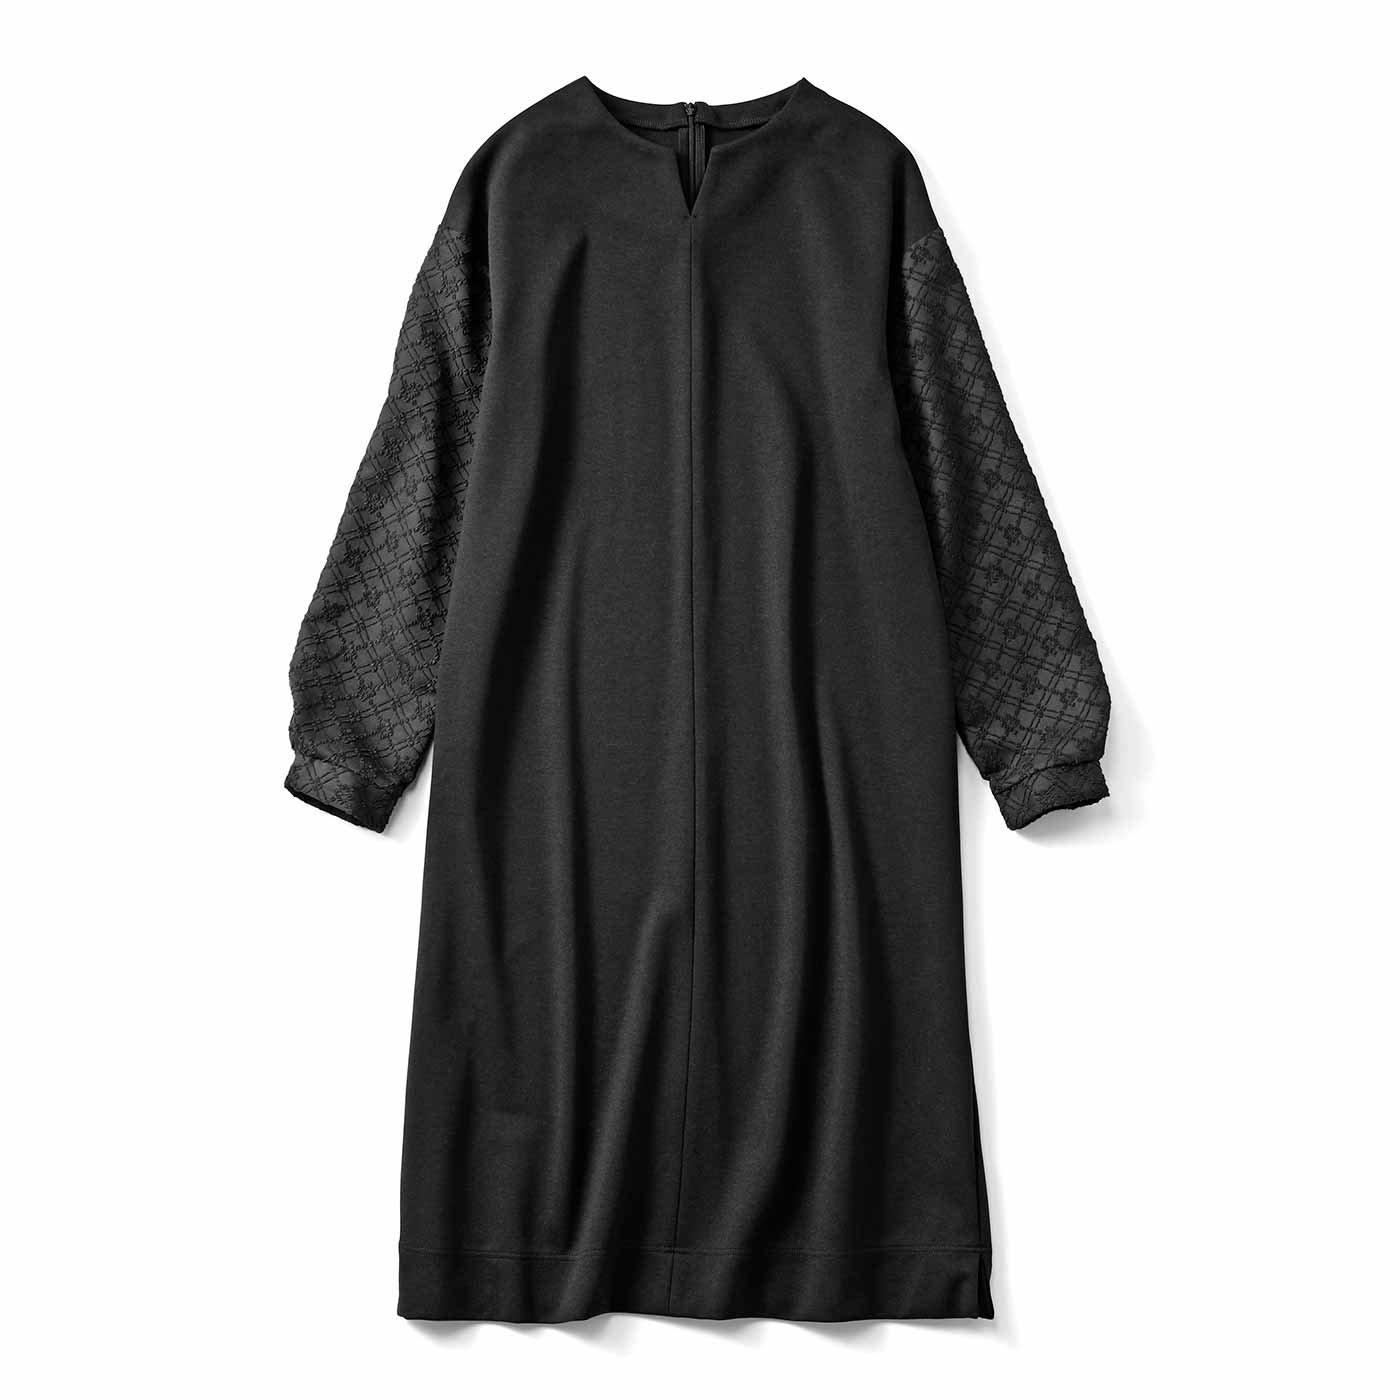 HIROMI YOSHIDA. ジャカード袖のブラックワンピース